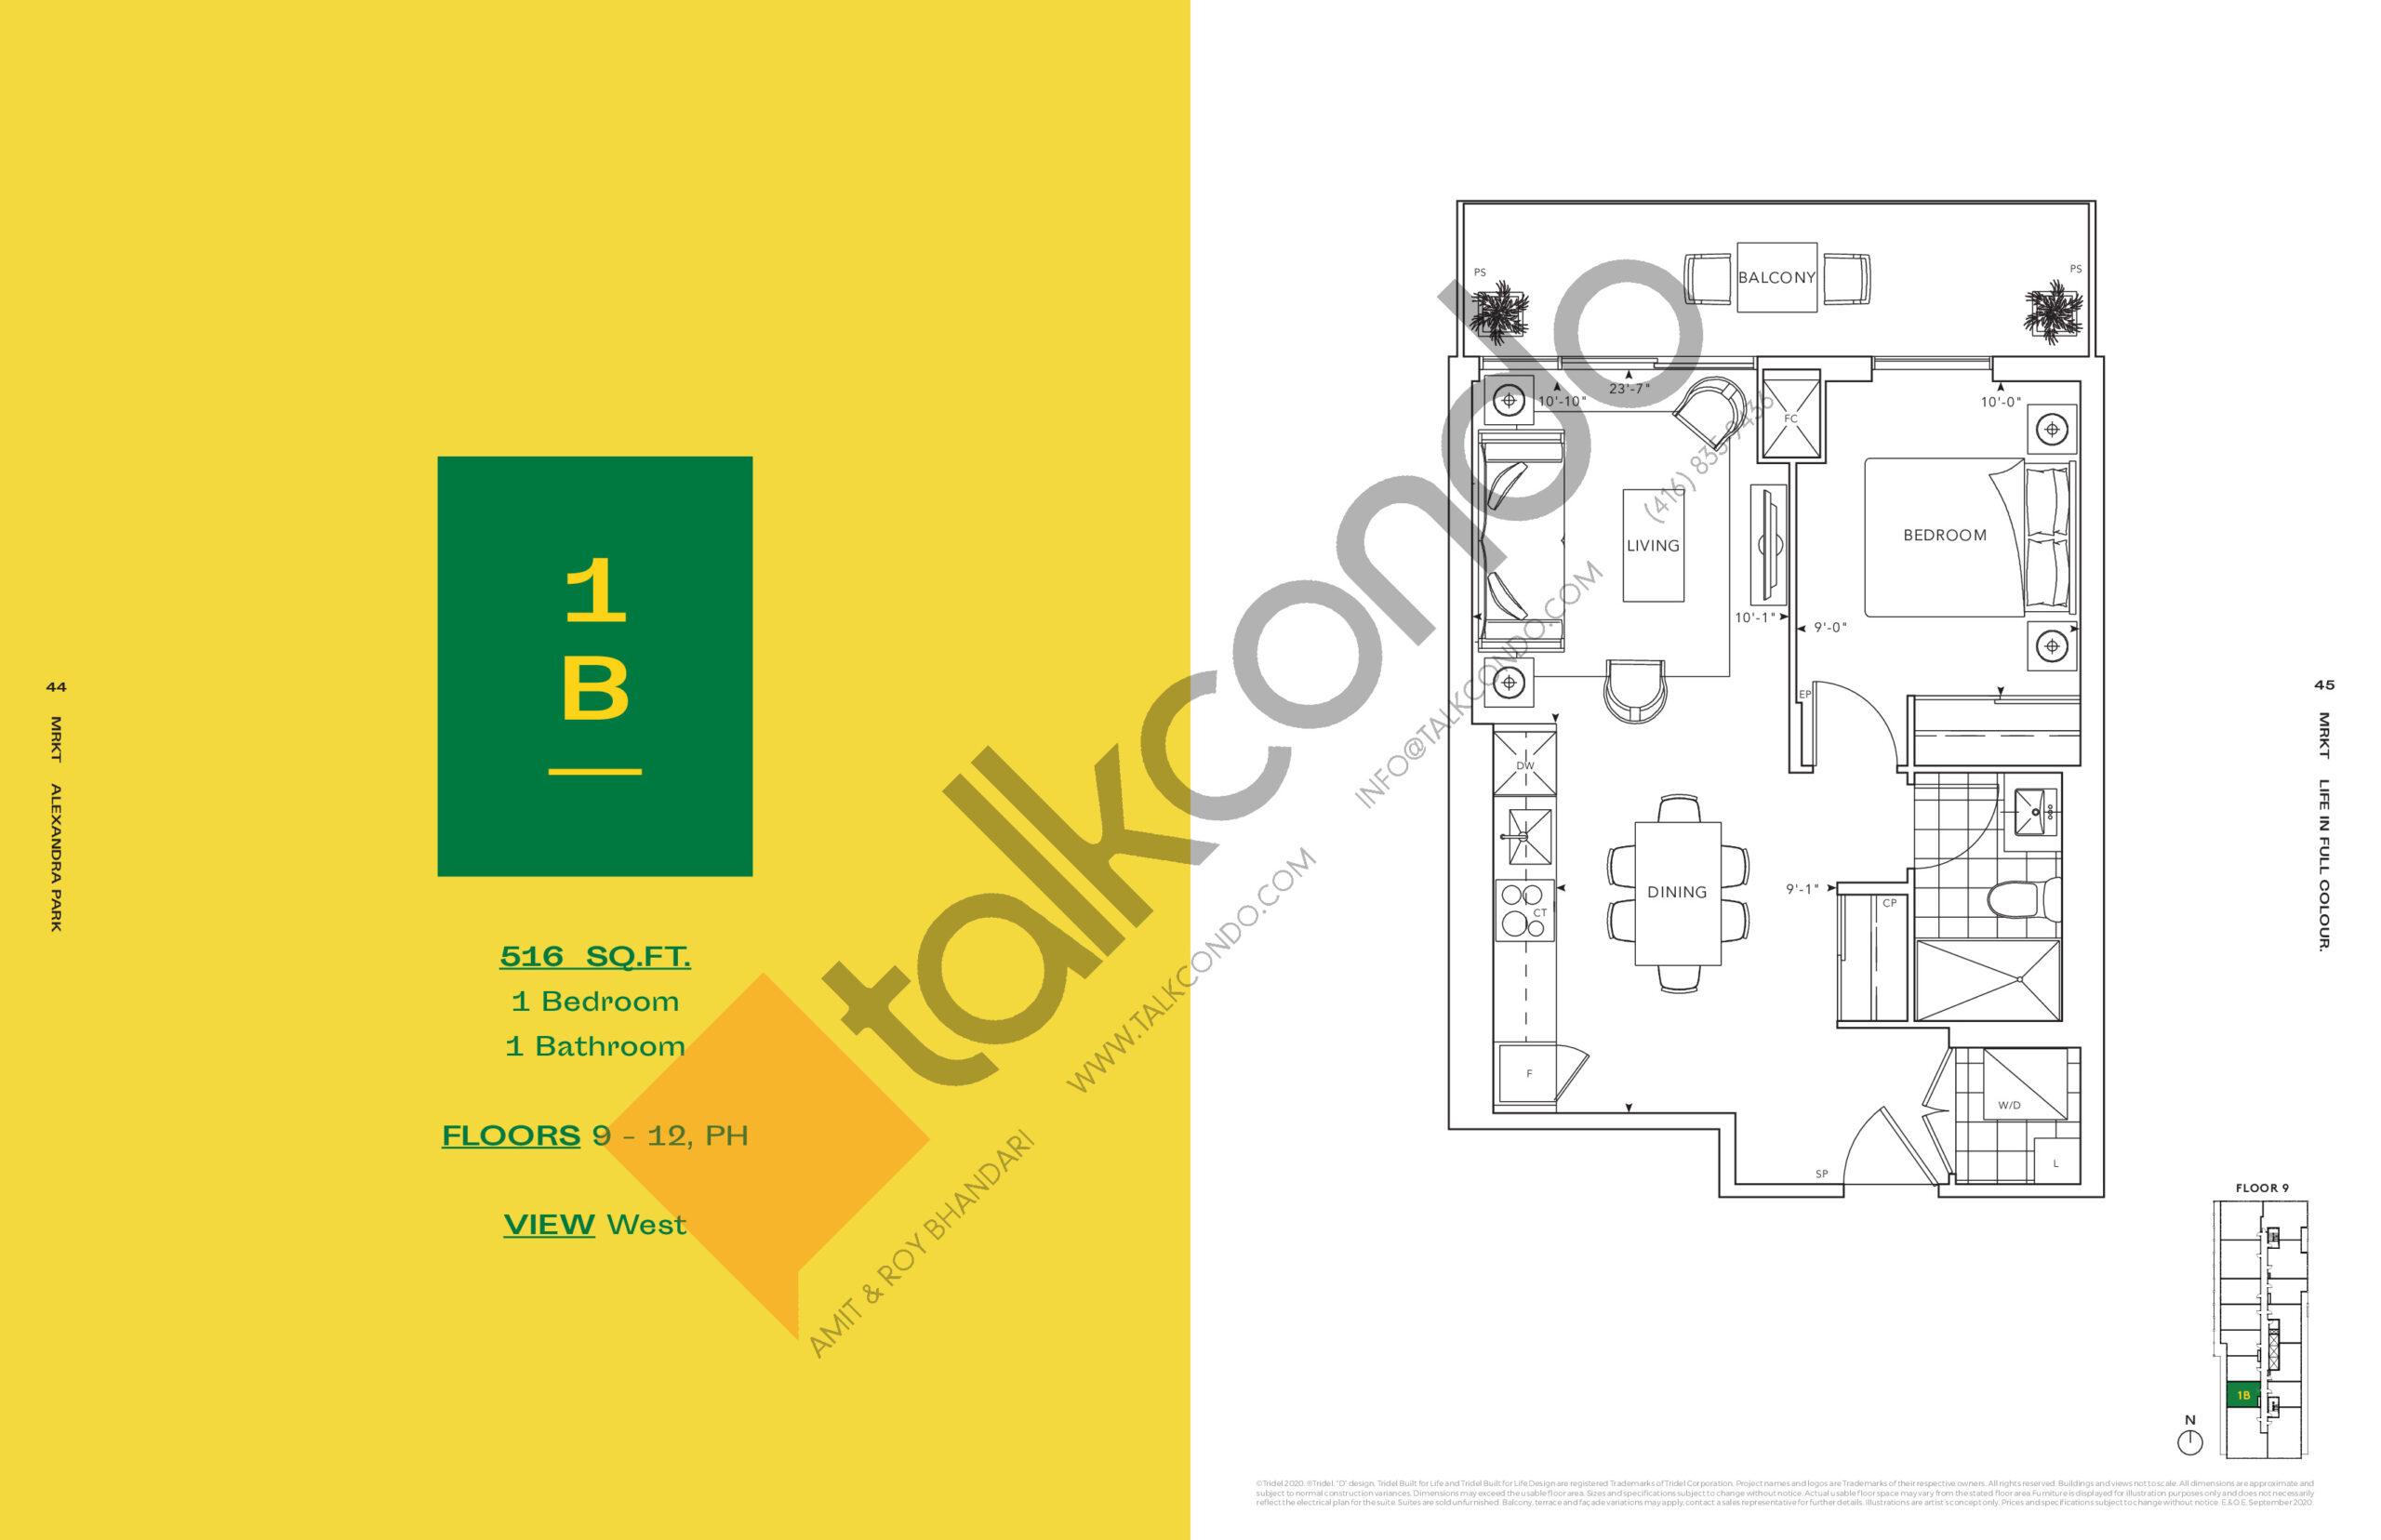 1B Floor Plan at MRKT Alexandra Park Condos - 516 sq.ft